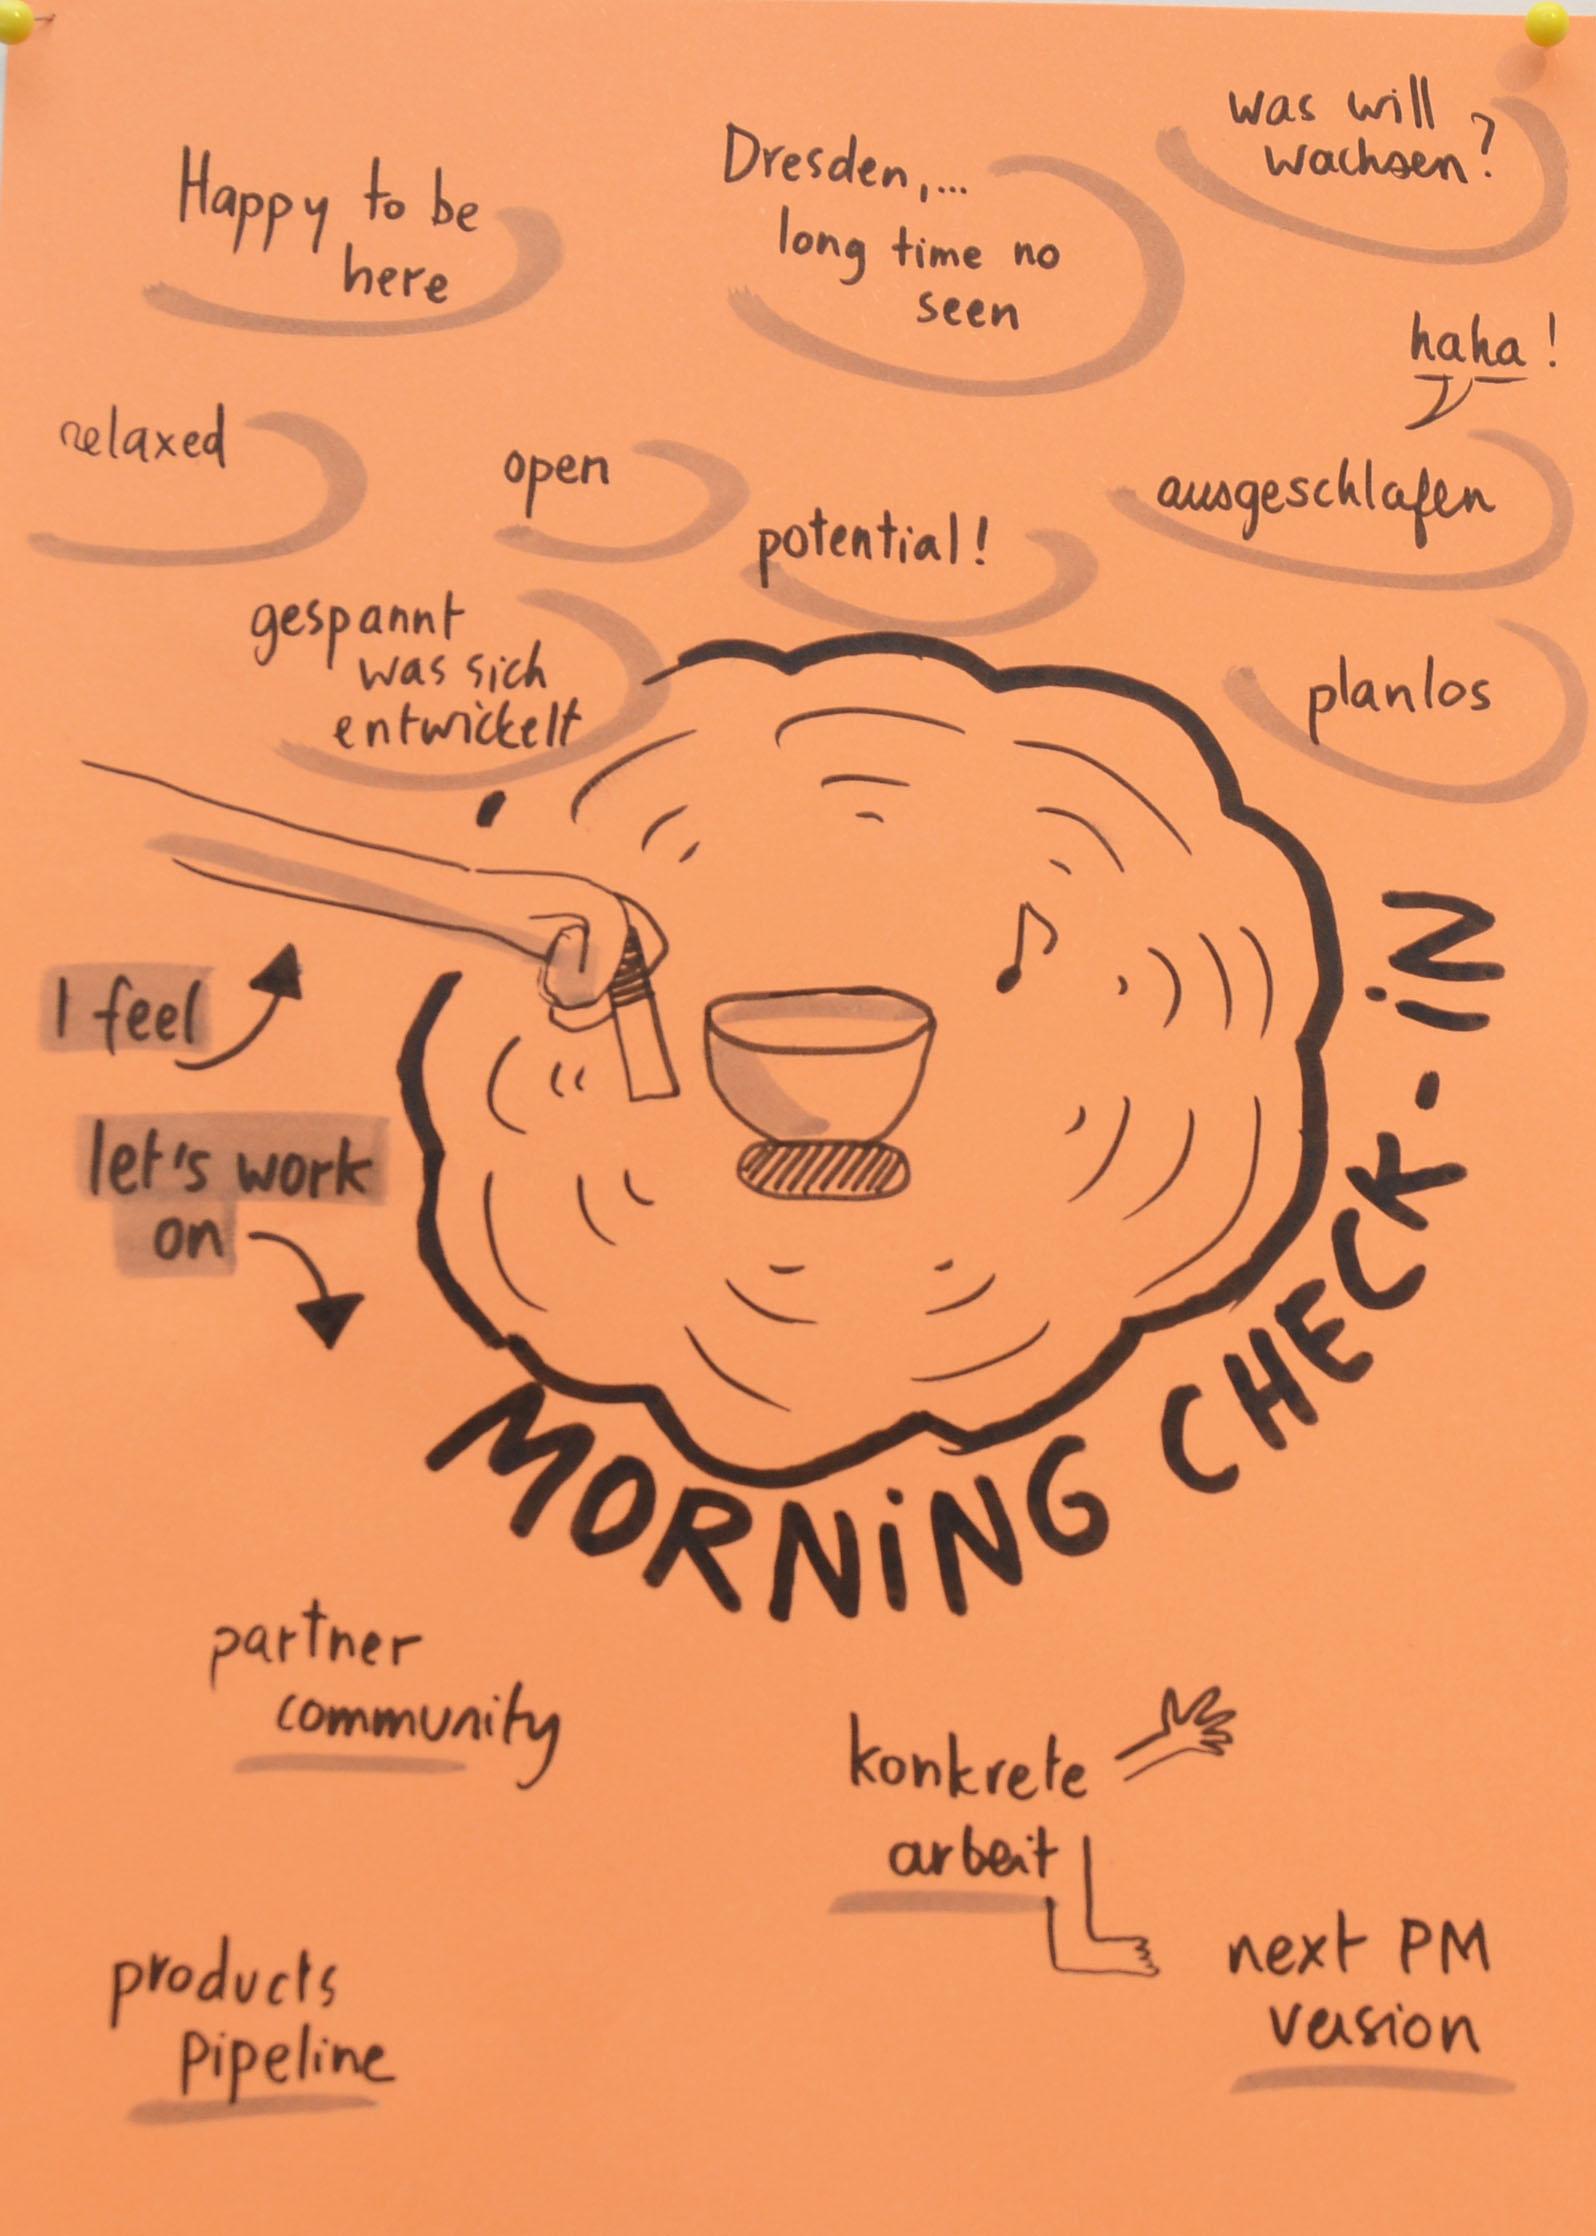 2_morningcheckin